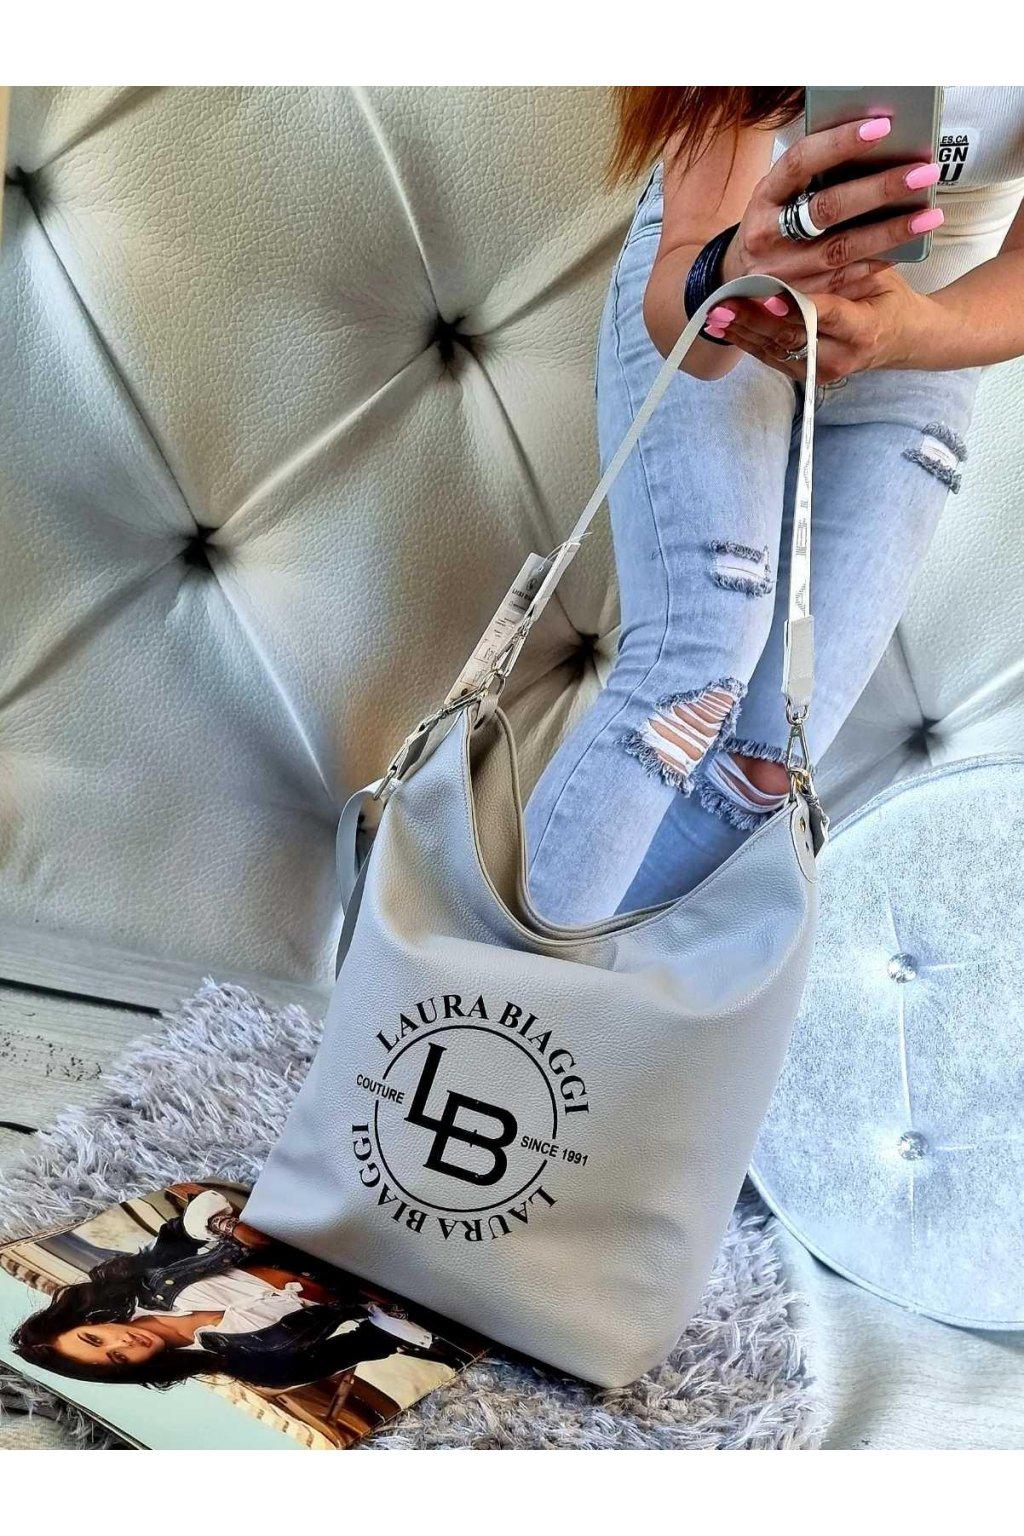 kabelka pytel laura biagi značková luxusní kabelka šedá